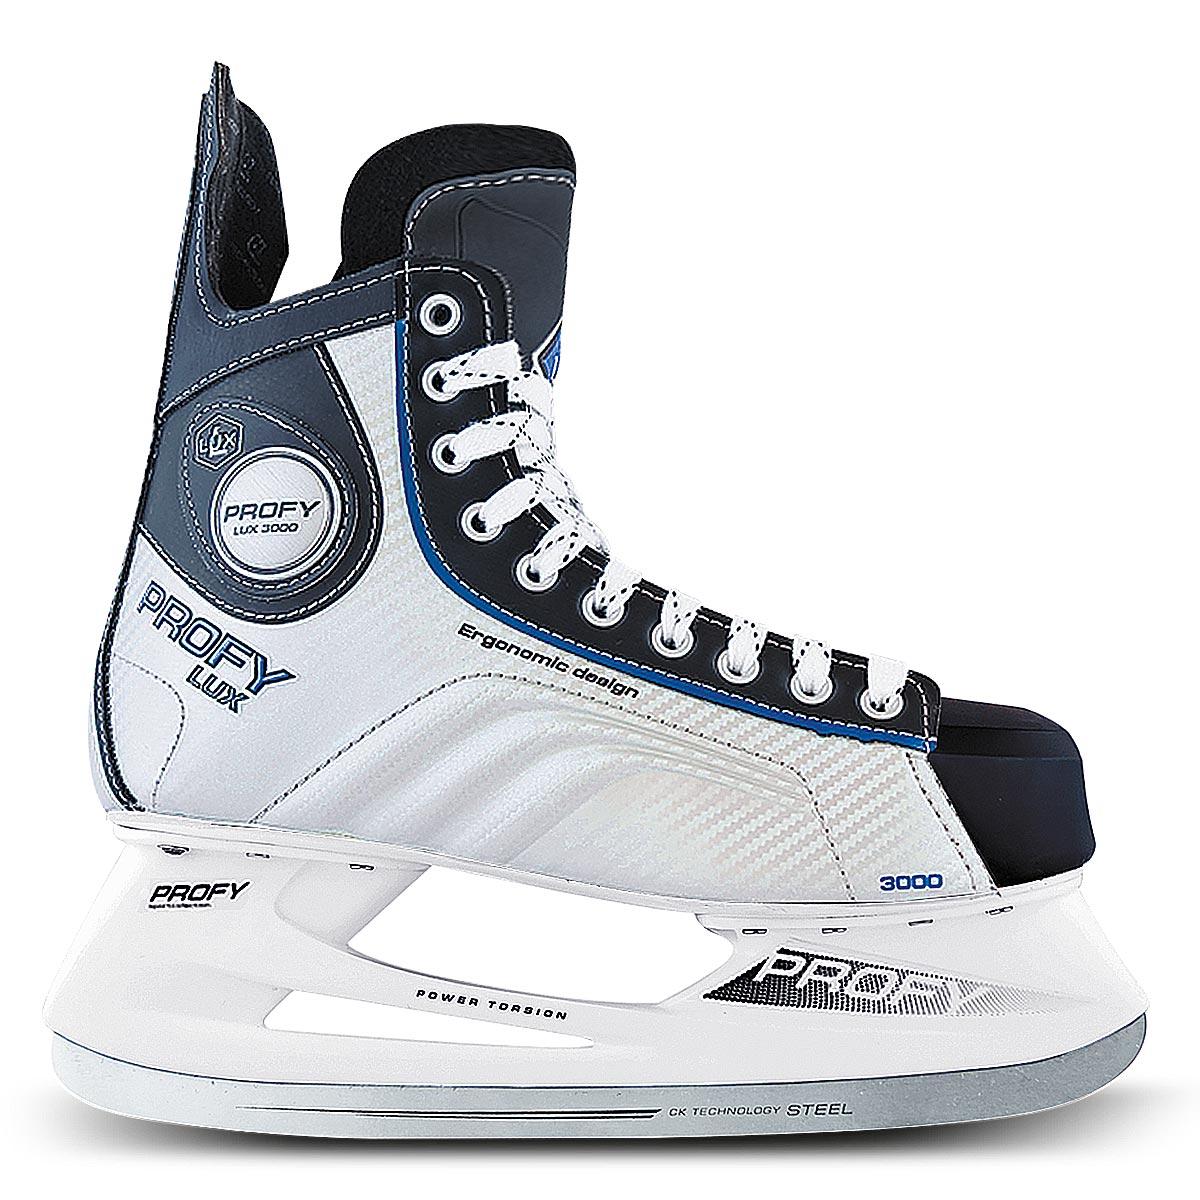 Коньки хоккейные для мальчика СК Profy Lux 3000, цвет: черный, серебряный, синий. Размер 35PROFY LUX 3000 Blue_35Коньки хоккейные мужские СК Profy Lux 3000 прекрасно подойдут для профессиональных игроков в хоккей. Ботинок выполнен из морозоустойчивой искусственной кожи и специального резистентного ПВХ, а язычок - из двухслойного войлока и искусственной кожи. Слоевая композитная технология позволила изготовить ботинок, полностью обволакивающий ногу. Это обеспечивает прочную и удобную фиксацию ноги, повышает защиту от ударов. Ботинок изготовлен с учетом антропометрии стоп россиян, что обеспечивает комфорт и устойчивость ноги, правильное распределение нагрузки, сильно снижает травмоопасность. Конструкция носка ботинка, изготовленного из ударопрочного энергопоглощающего термопластичного полиуретана Hytrel® (DuPont), обеспечивает увеличенную надежность защиты передней части ступни от ударов. Усиленные боковины ботинка из формованного PVC укрепляют боковую часть ботинка и дополнительно защищают ступню от ударов за счет поглощения энергии. Тип застежки ботинок – классическая шнуровка. Стелька из упругого пенного полимерного материала EVA гарантирует комфортное положение ноги в ботинке, обеспечивает быструю адаптацию ботинка к индивидуальным формам ноги, не теряет упругости при изменении температуры и не разрушается от воздействия пота и влаги. Легкая прочная низкопрофильная полимерная подошва инжекционного формования практически без потерь передает энергию от толчка ноги к лезвию – быстрее набор скорости, резче повороты и остановки, острее чувство льда. Лезвие из нержавеющей стали 420J обеспечит превосходное скольжение.